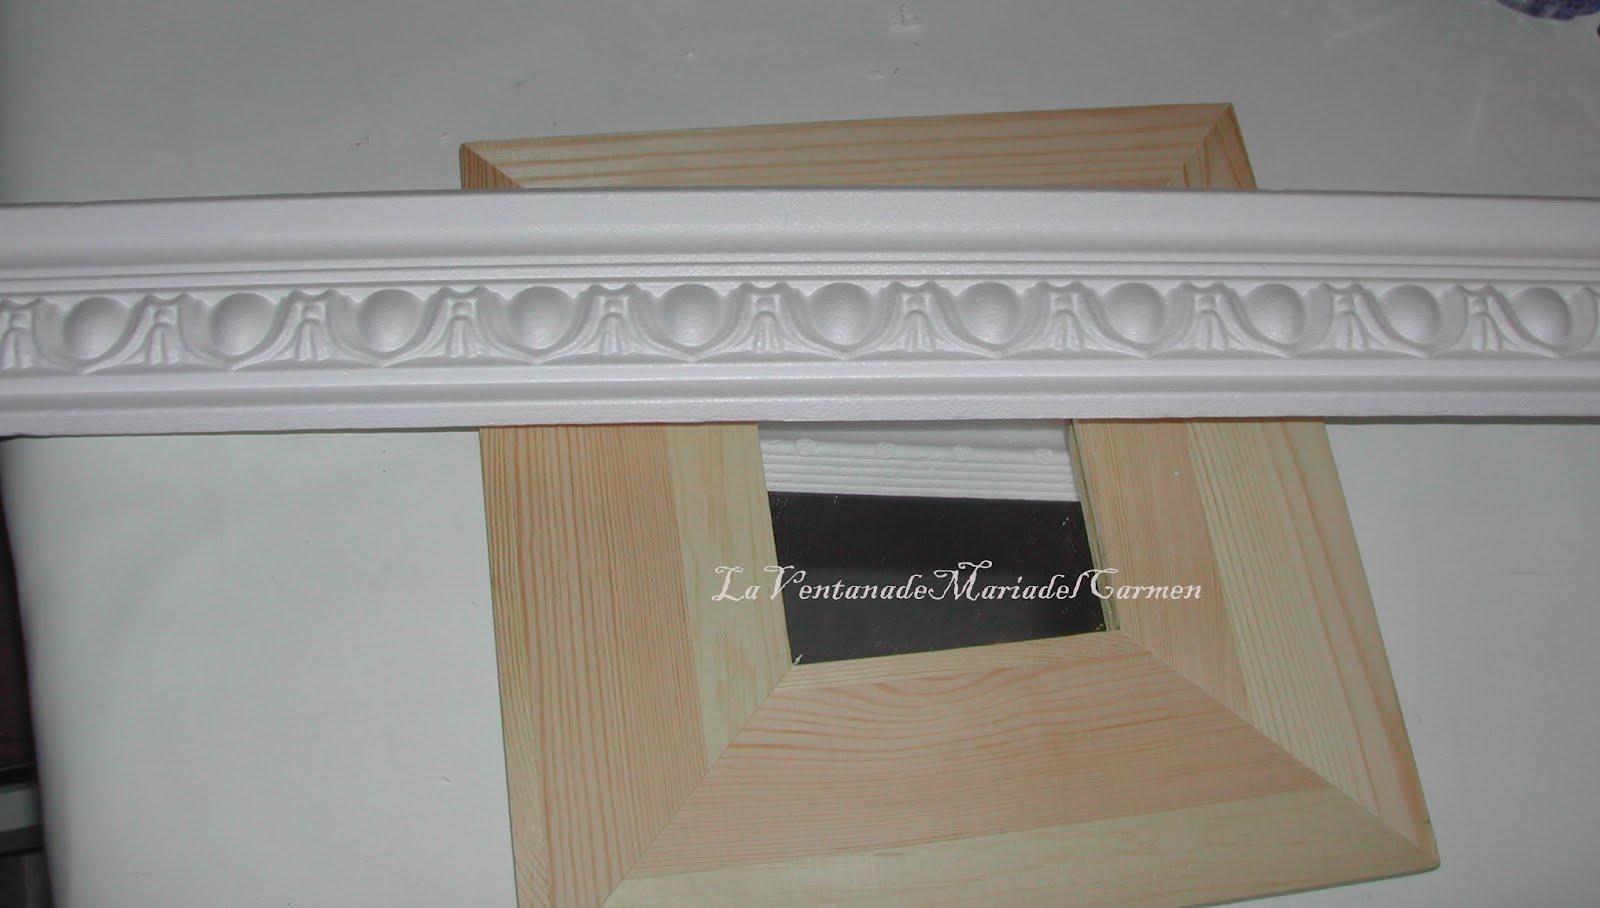 Manualidades la ventana de maria del carmen decoraci n - Molduras decorativas leroy merlin ...